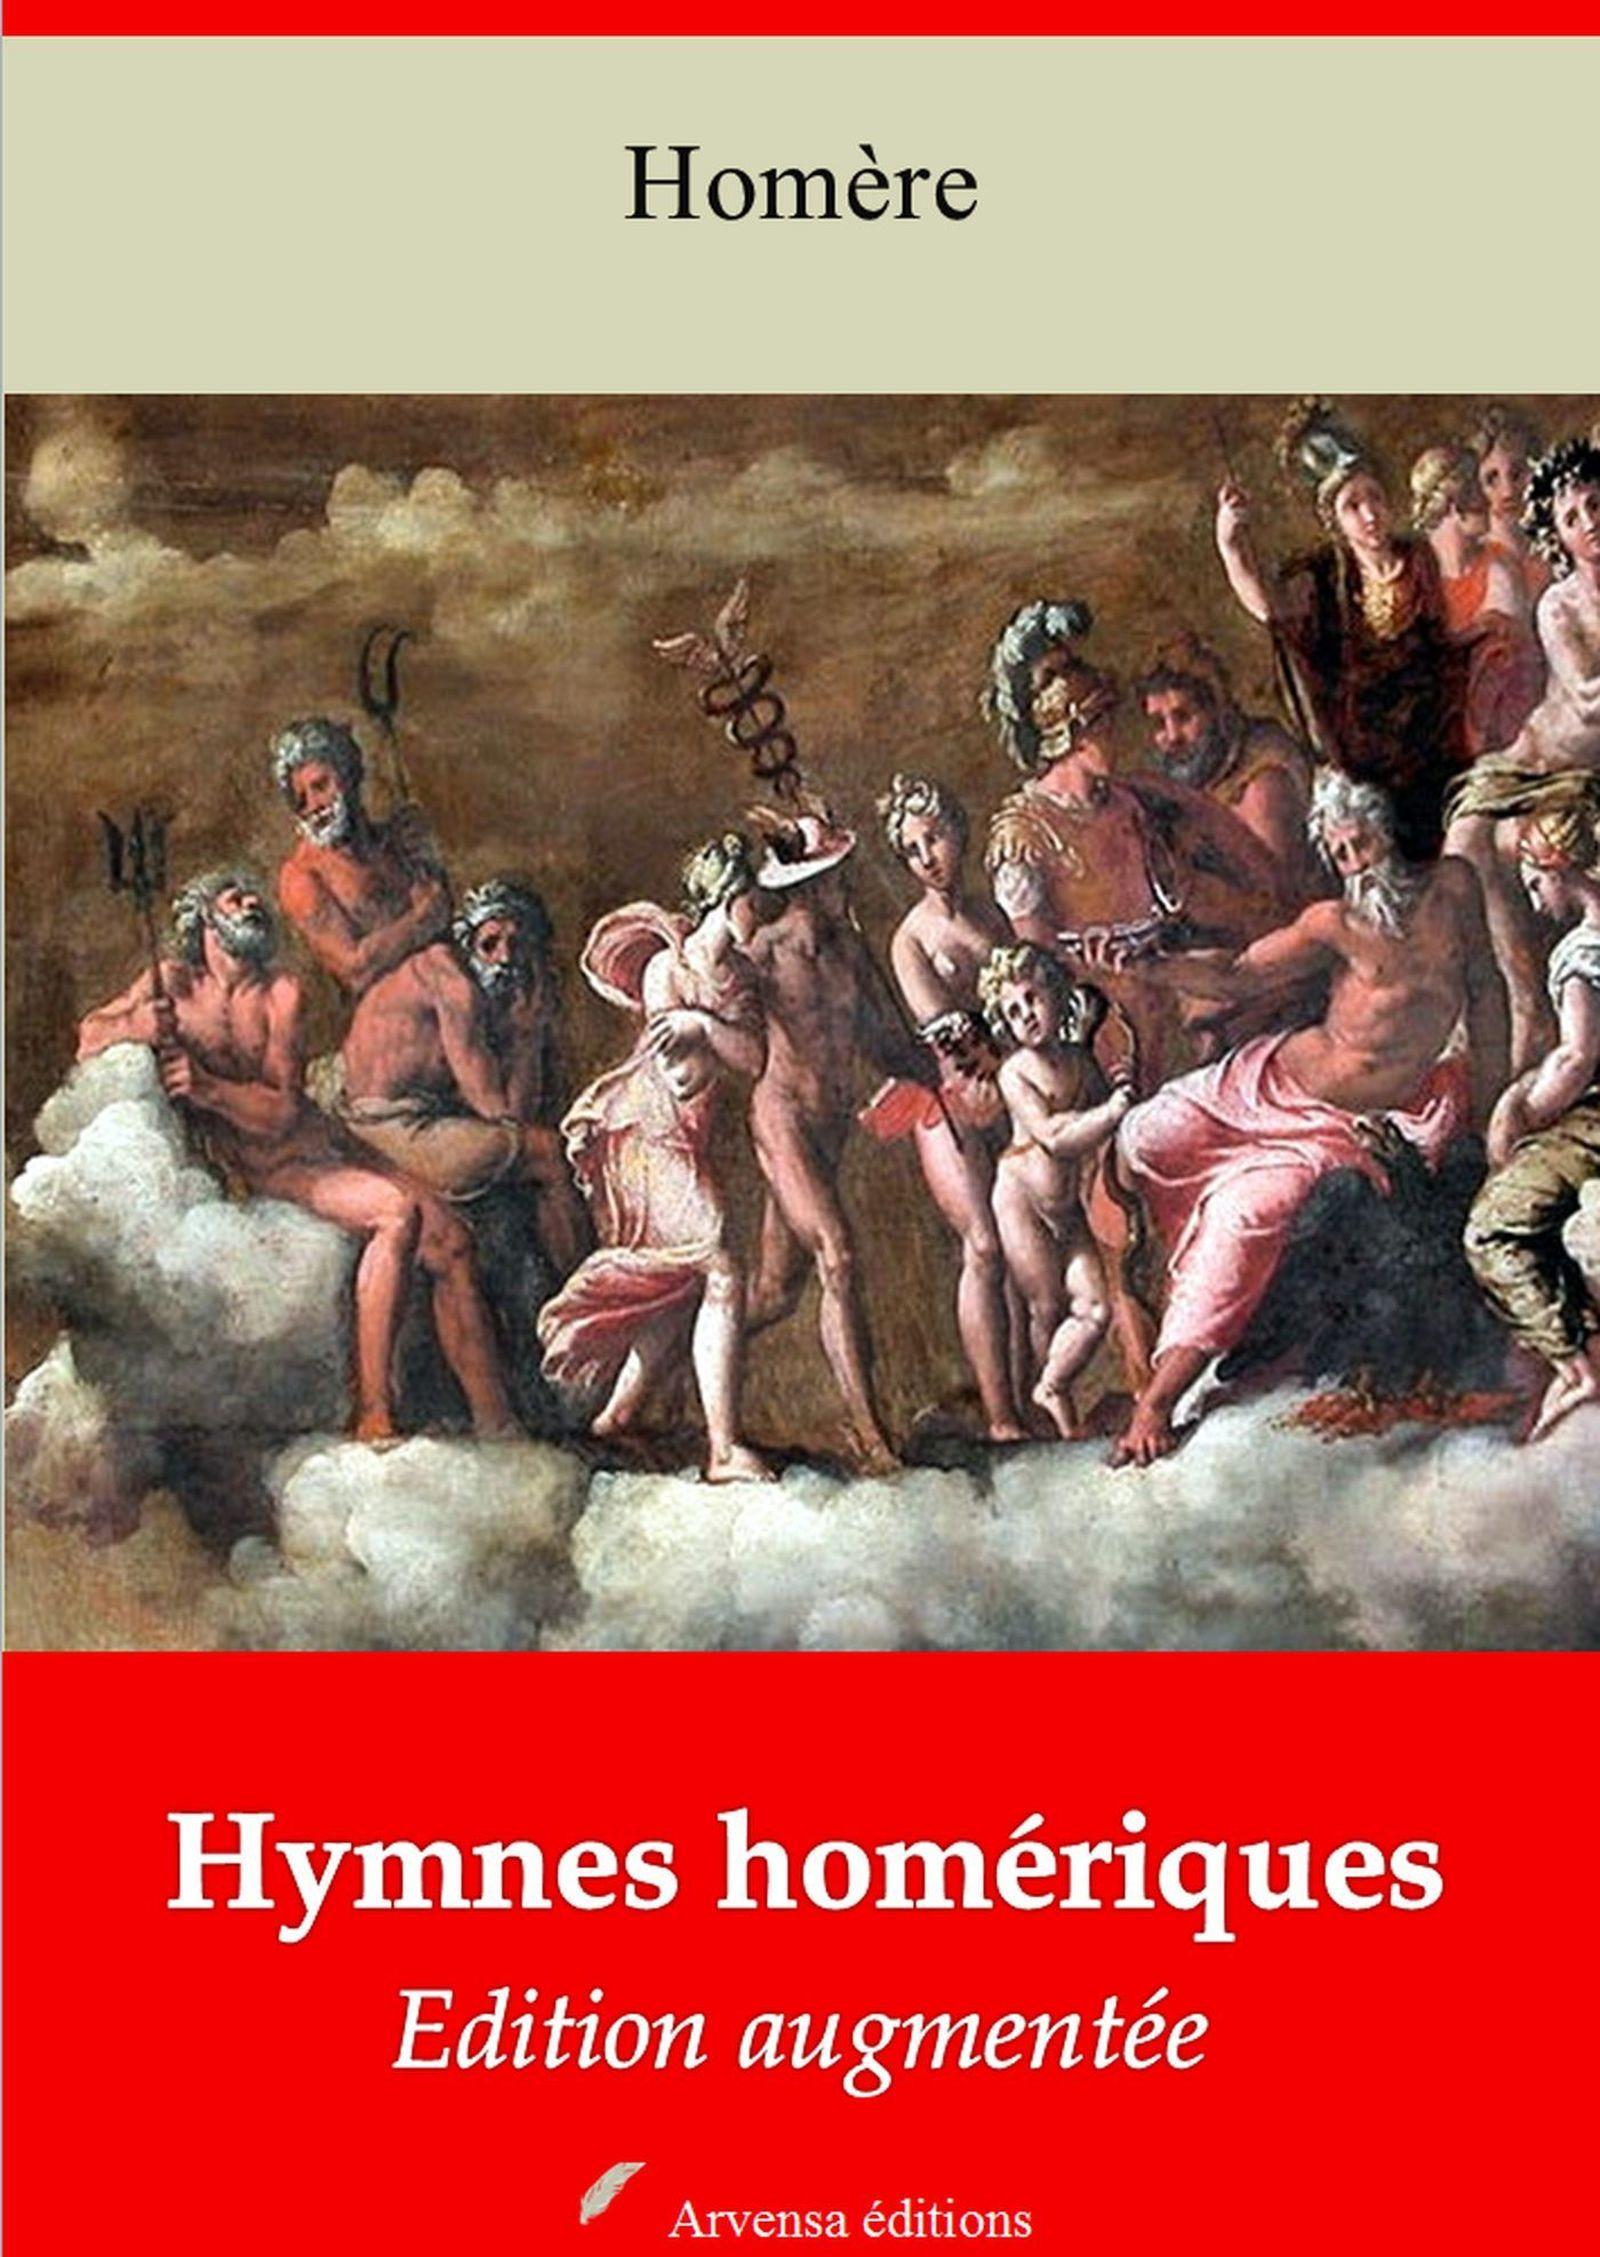 Hymnes homériques - suivi d'annexes